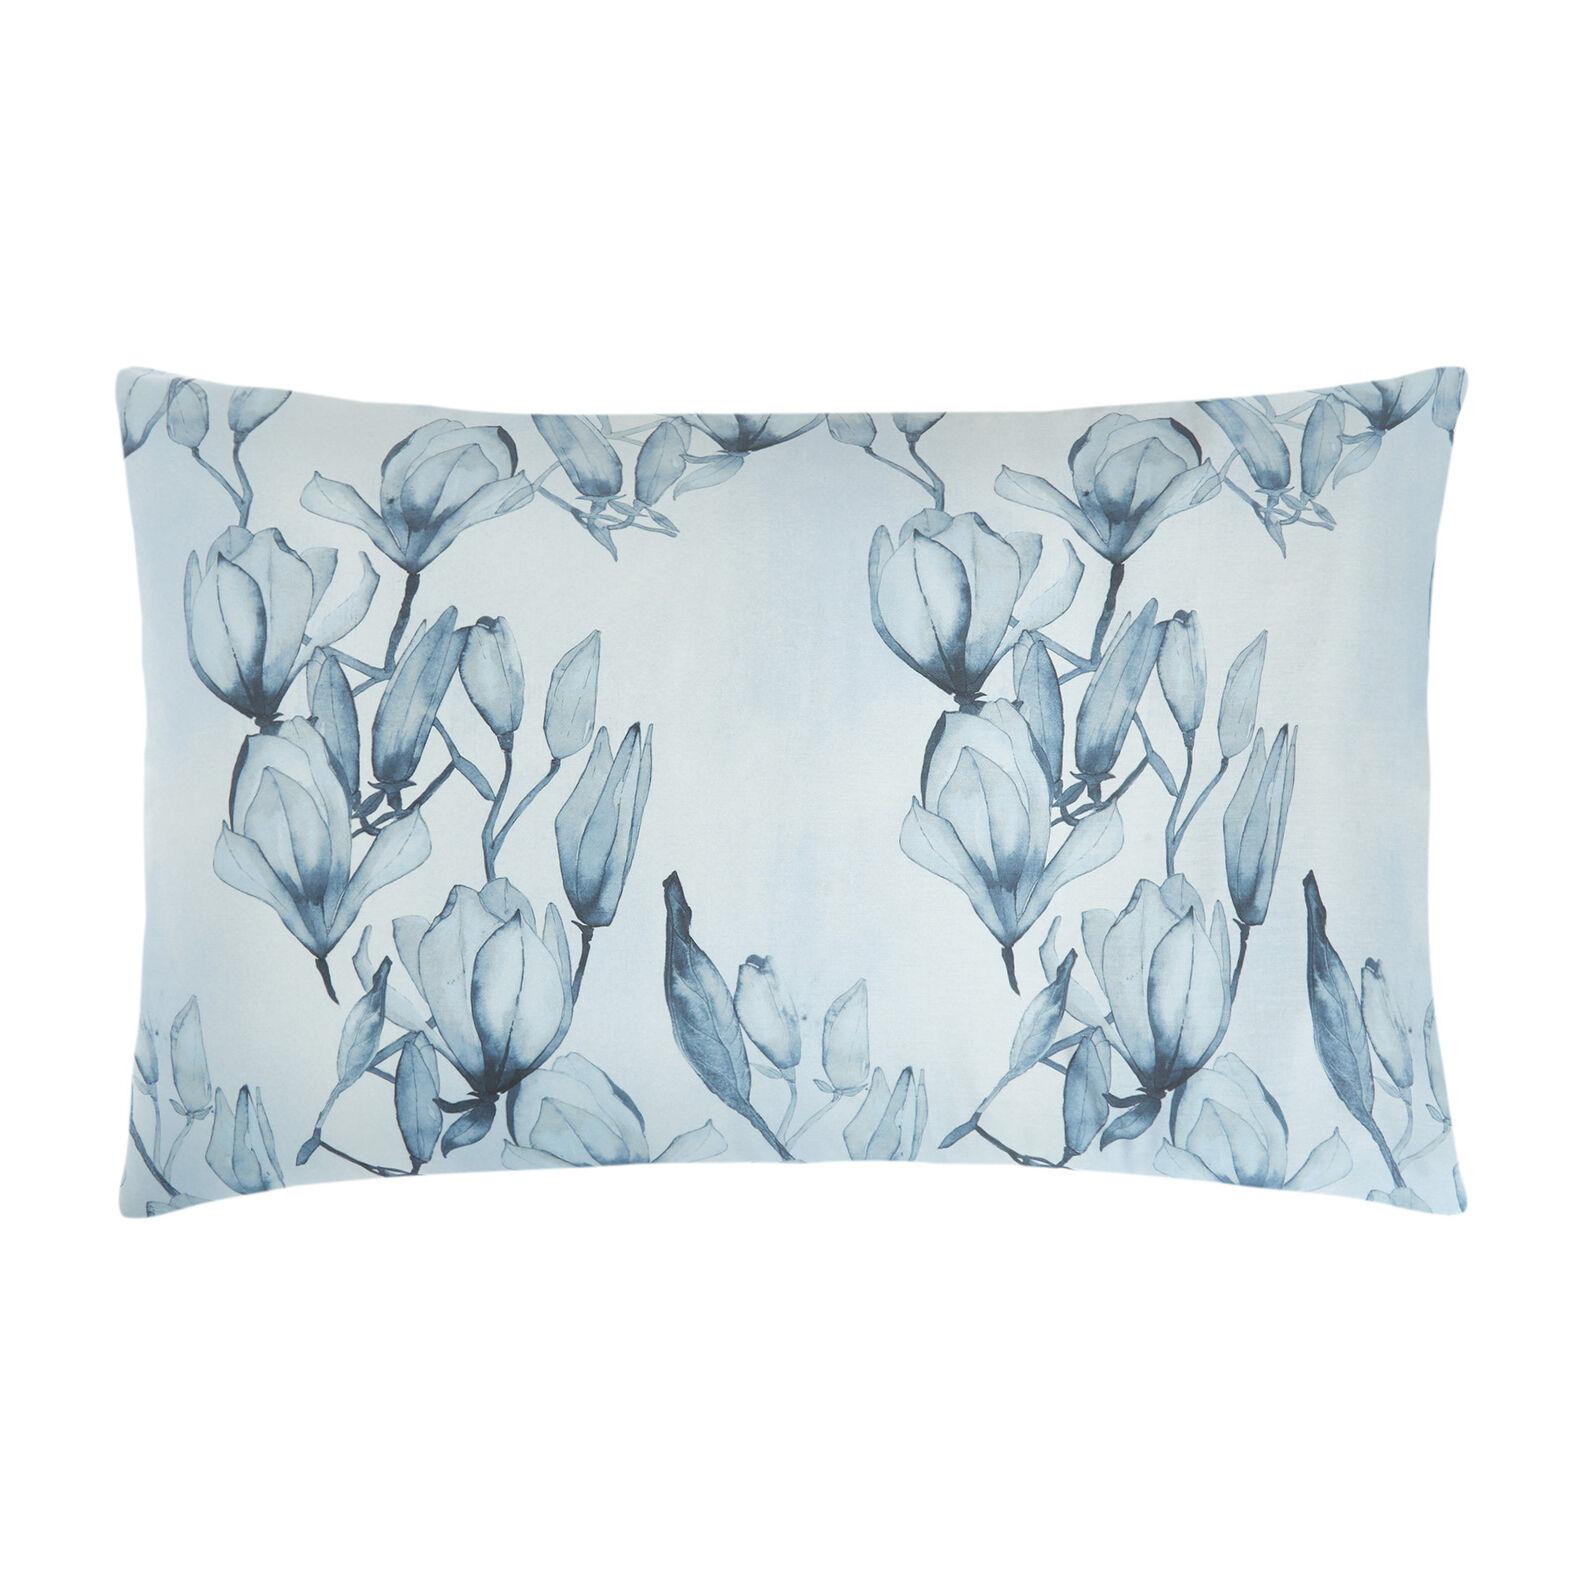 Cotton satin pillowcase with magnolia pattern